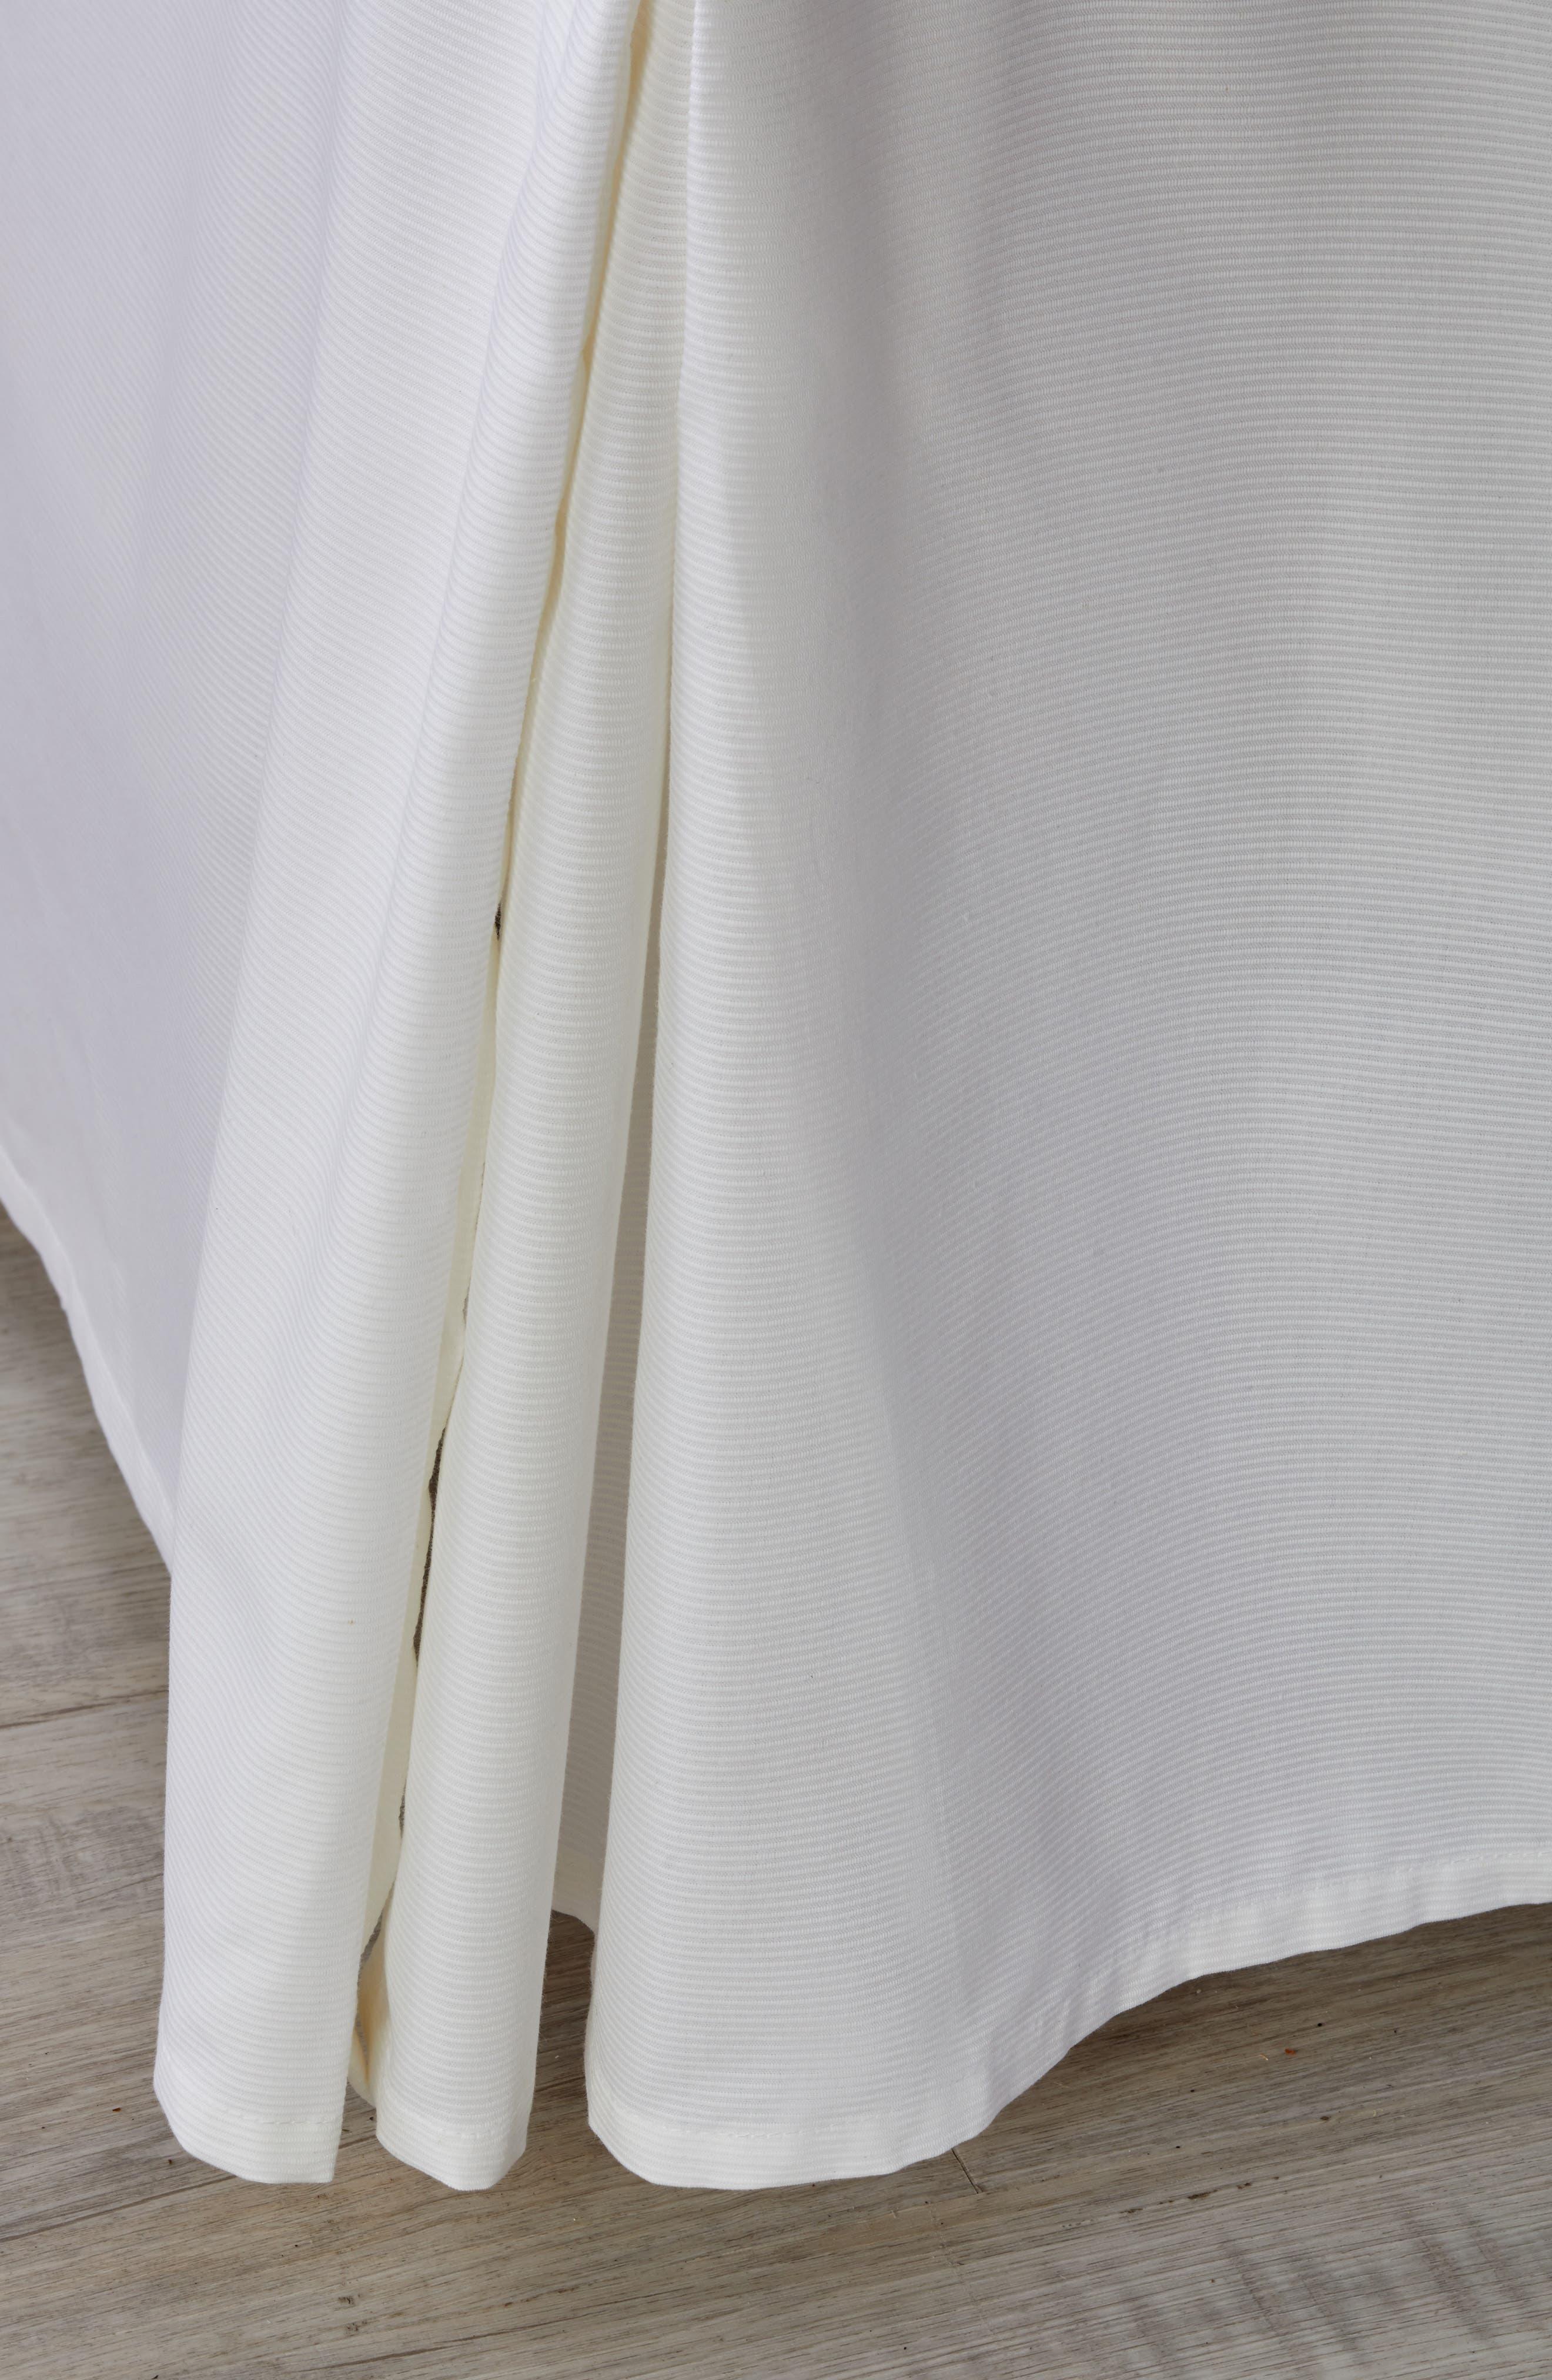 Woven Rib Bed Skirt,                             Main thumbnail 1, color,                             100